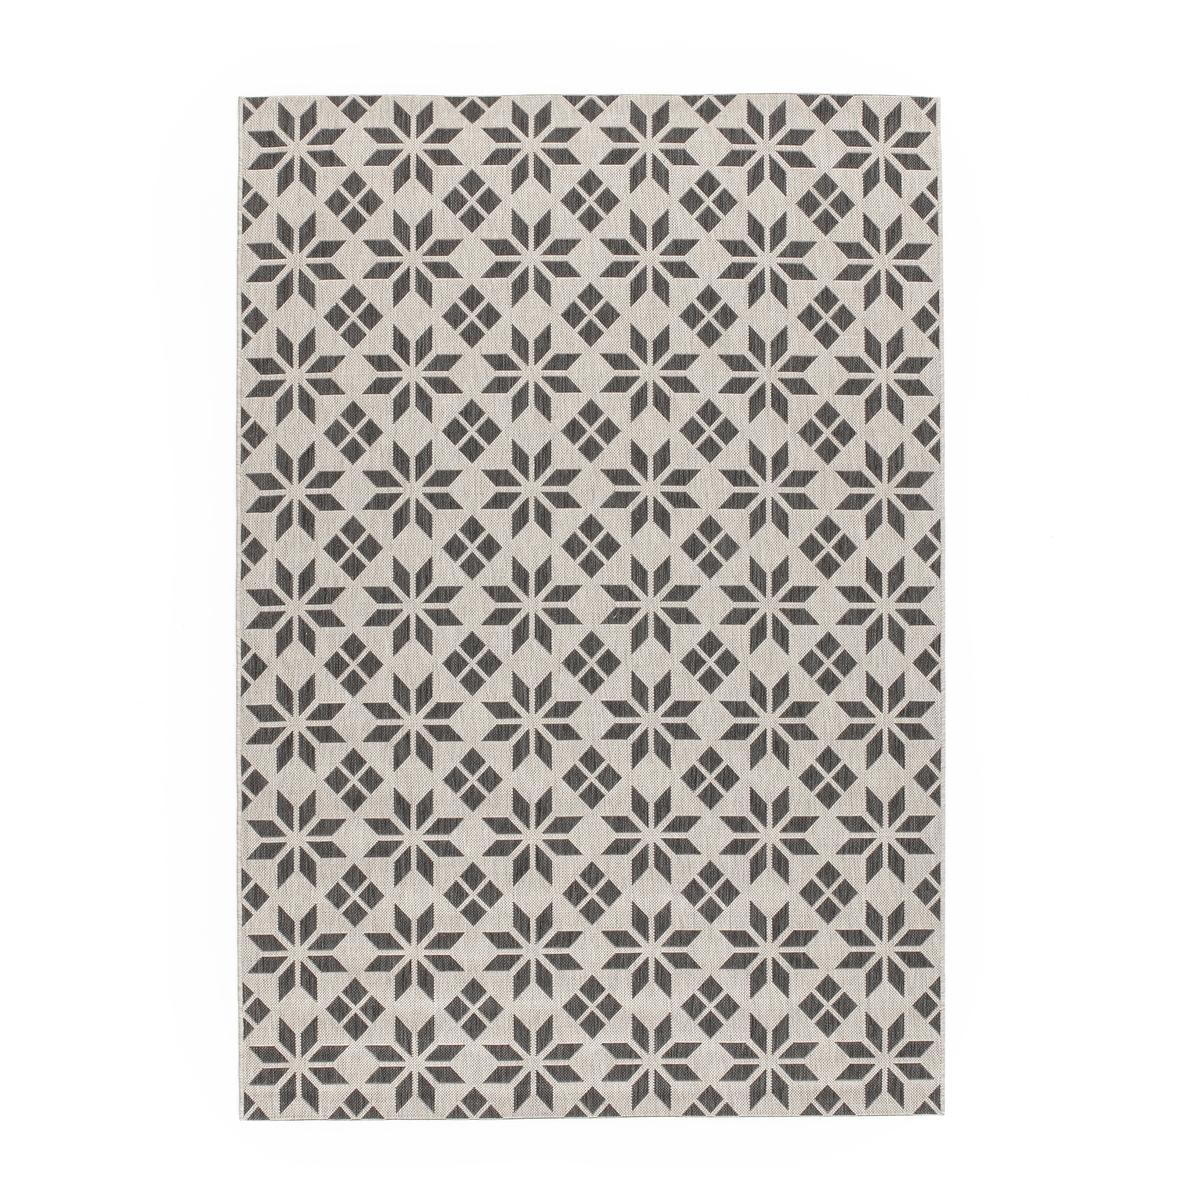 Ковер La Redoute Горизонтального плетения с рисунком цементная плитка Iswik 120 x 170 см бежевый ковер la redoute горизонтального плетения с рисунком цементная плитка iswik 120 x 170 см бежевый